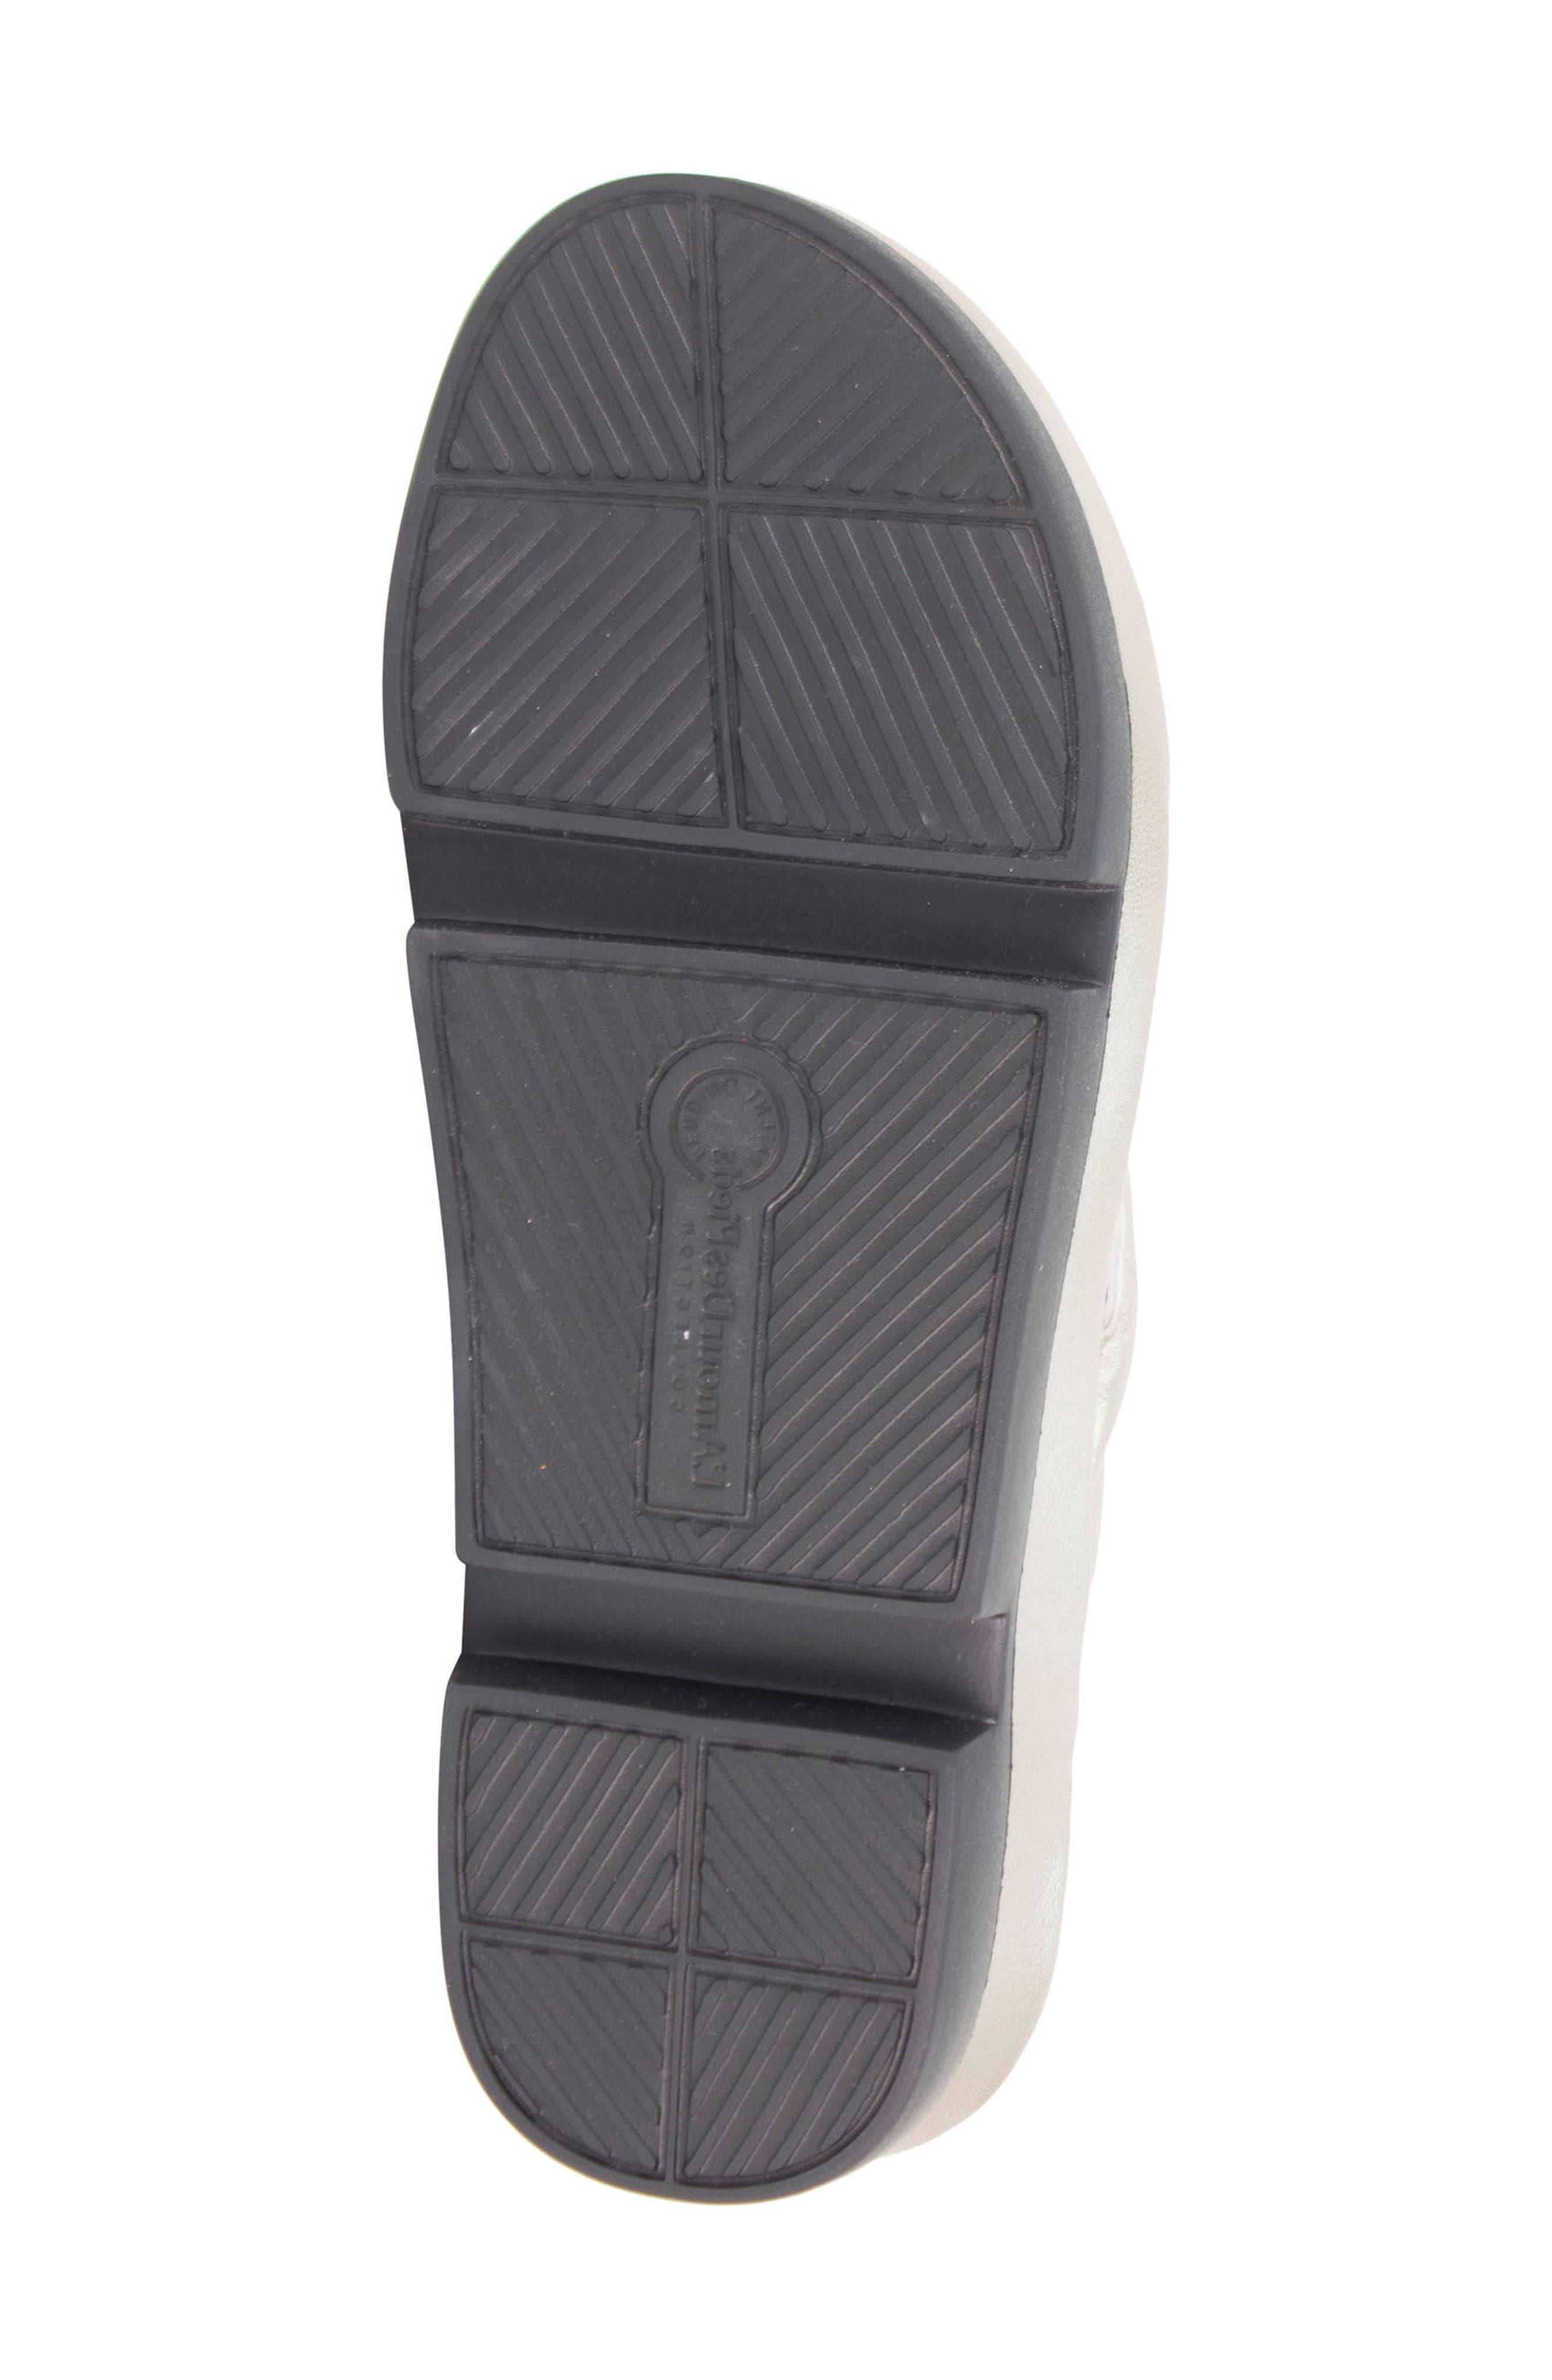 Villapapavero Flip Flop,                             Alternate thumbnail 7, color,                             Pewter Leather